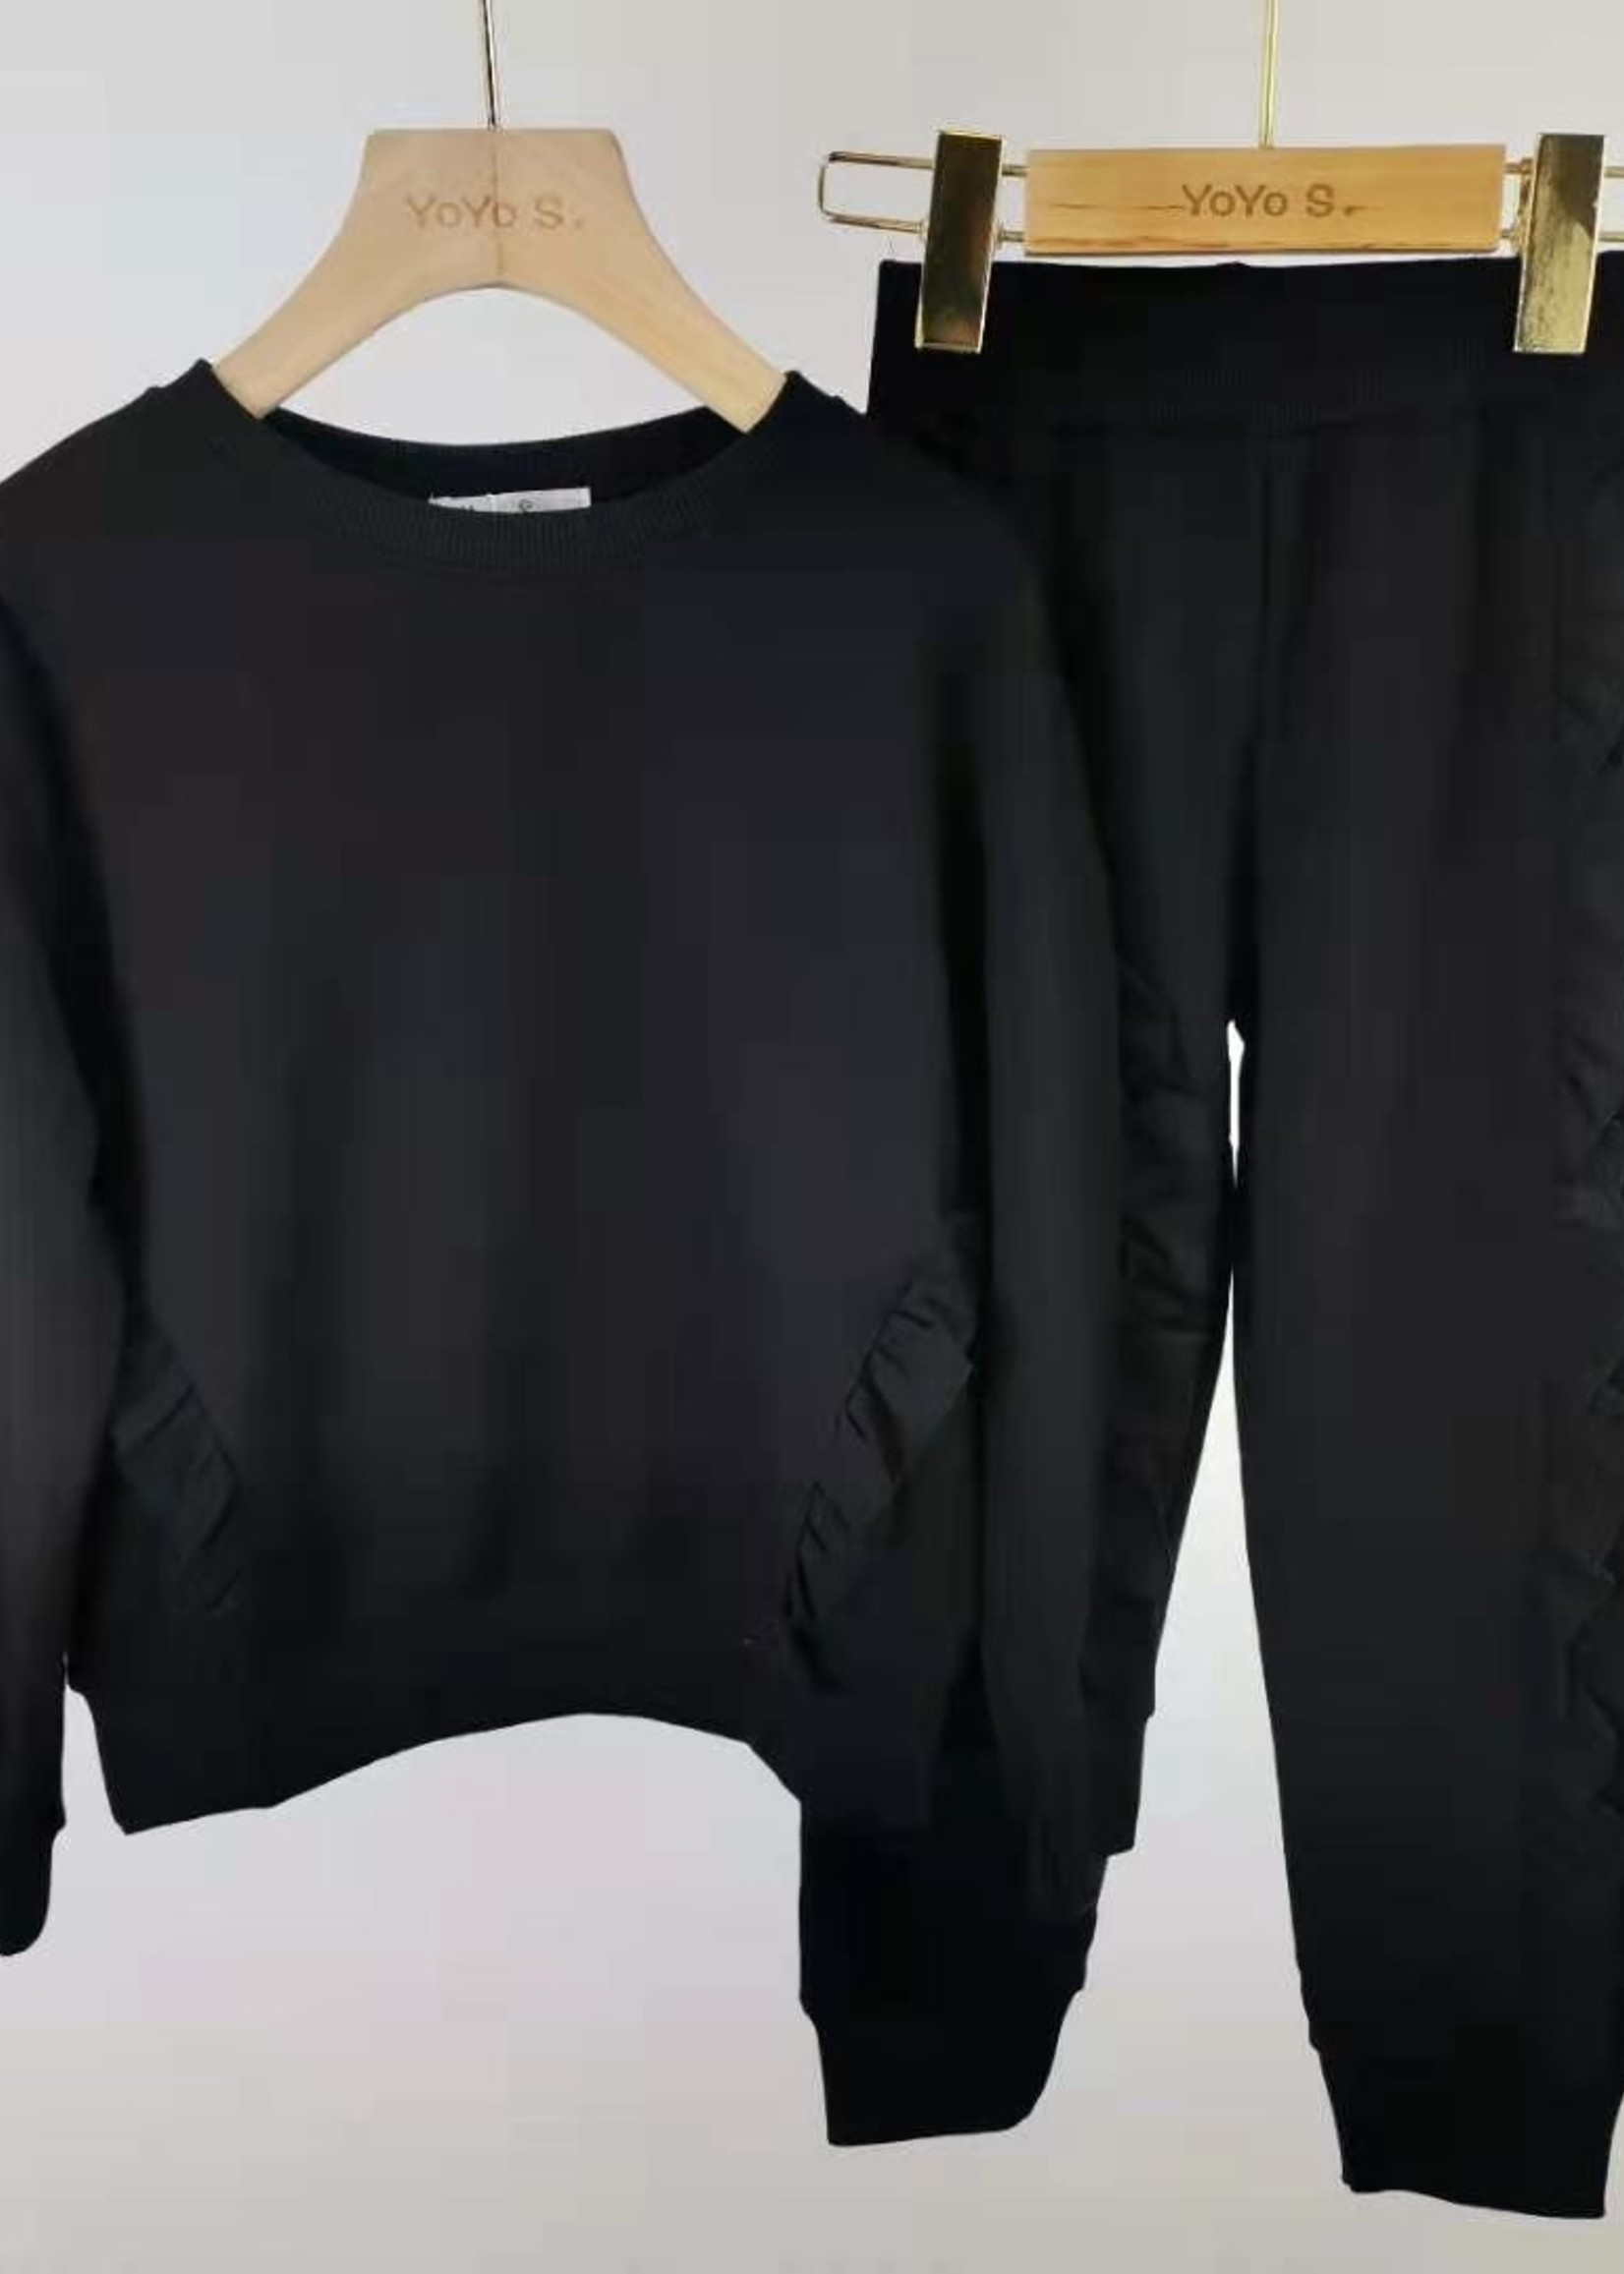 Divanis Divanis pak met strook zwart